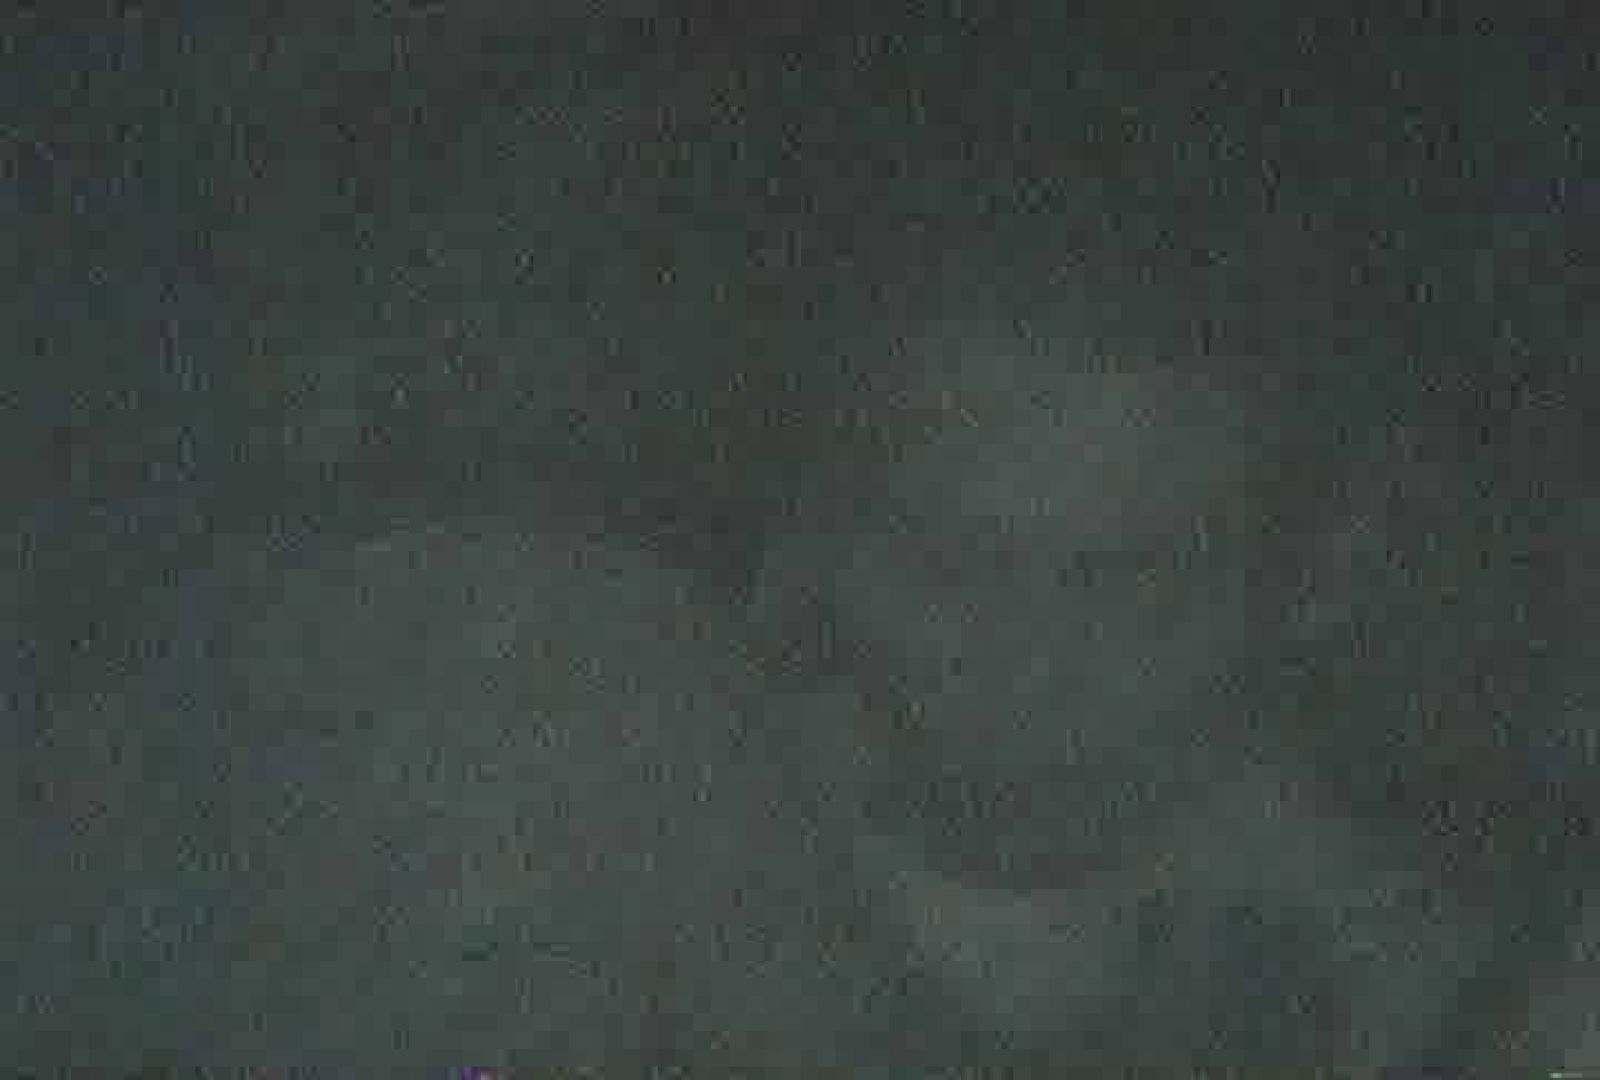 充血監督の深夜の運動会Vol.57 OLの実態  73pic 24